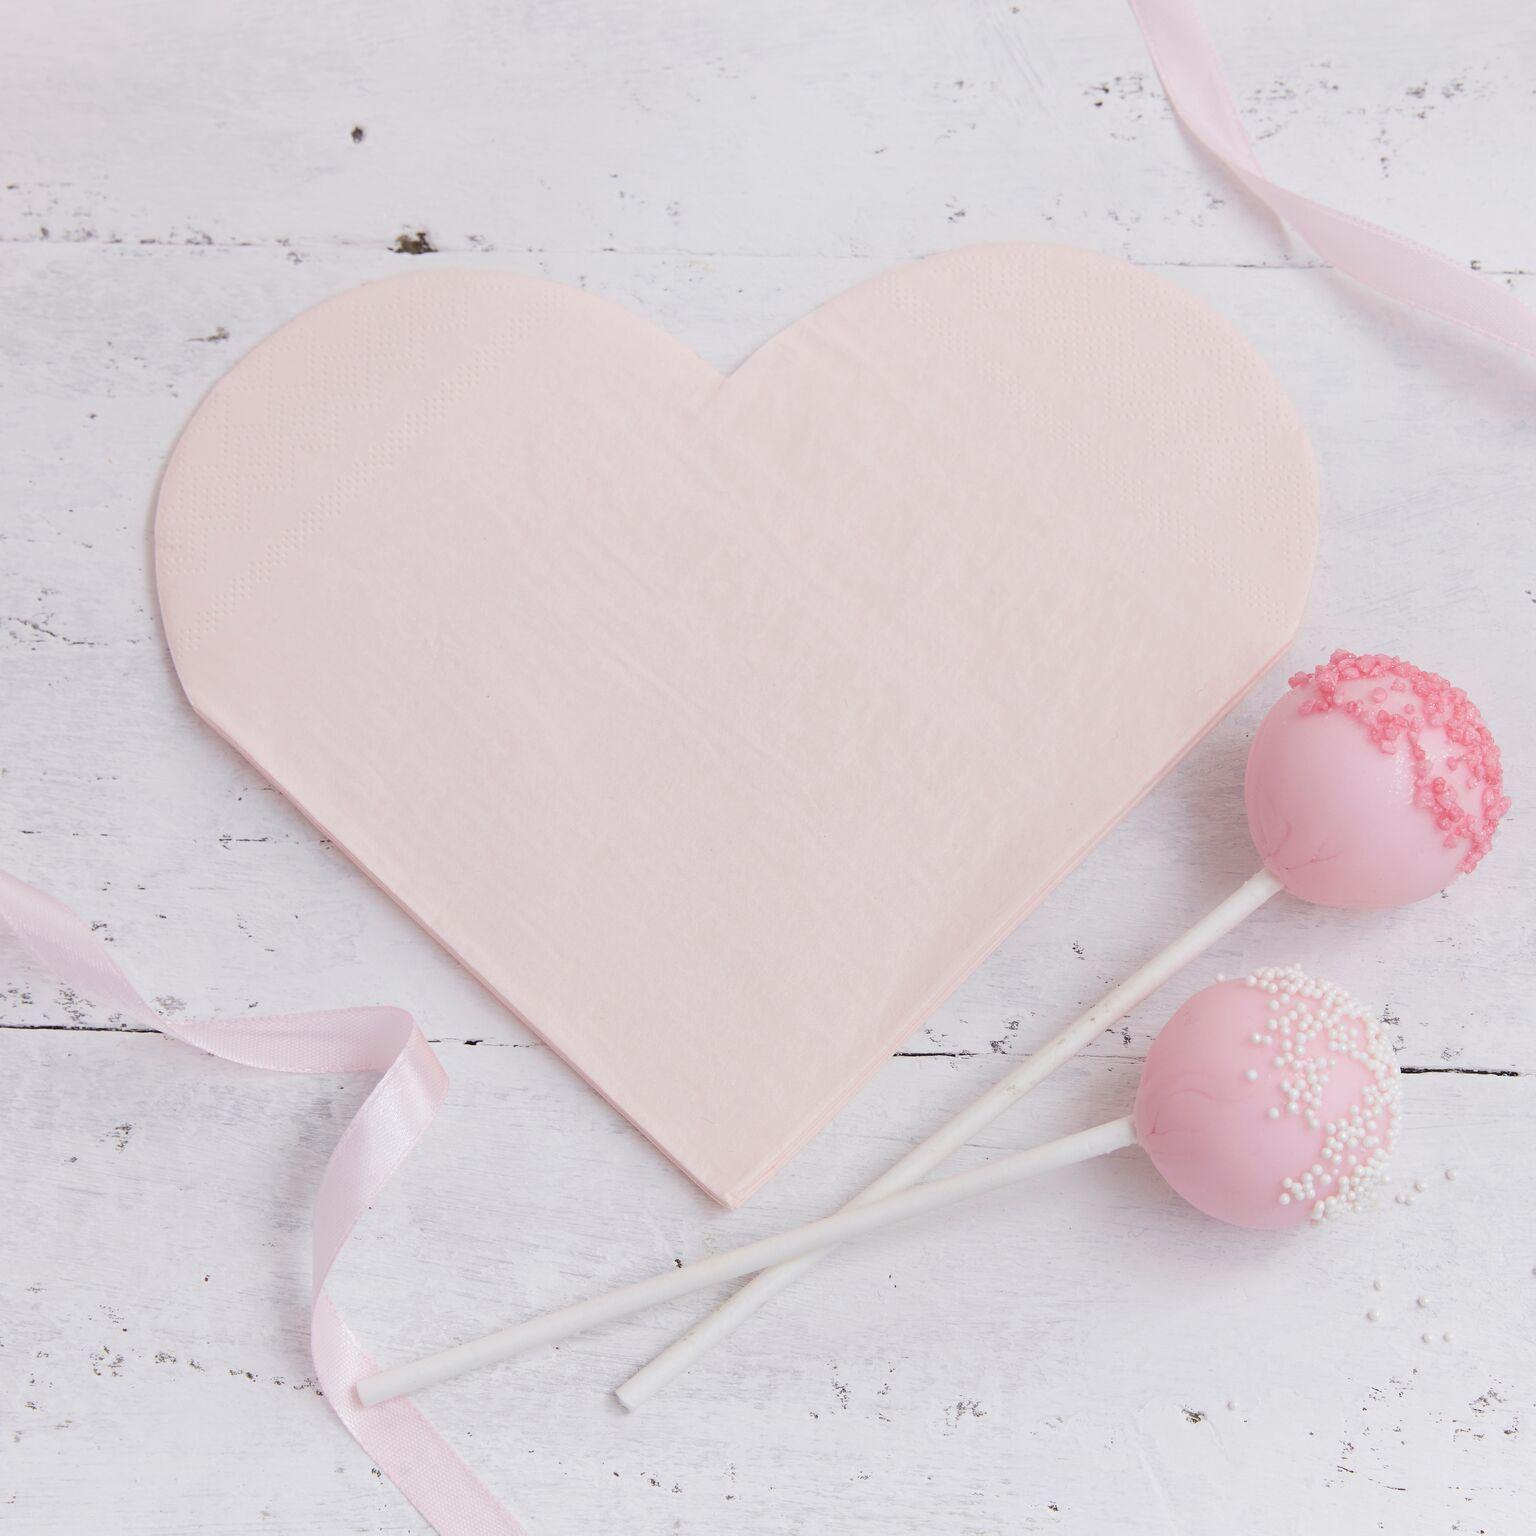 Herz Servietten Rosa Prinzessin Geburtstagsparty Hochzeit Shop Prinzessinengeburtstag